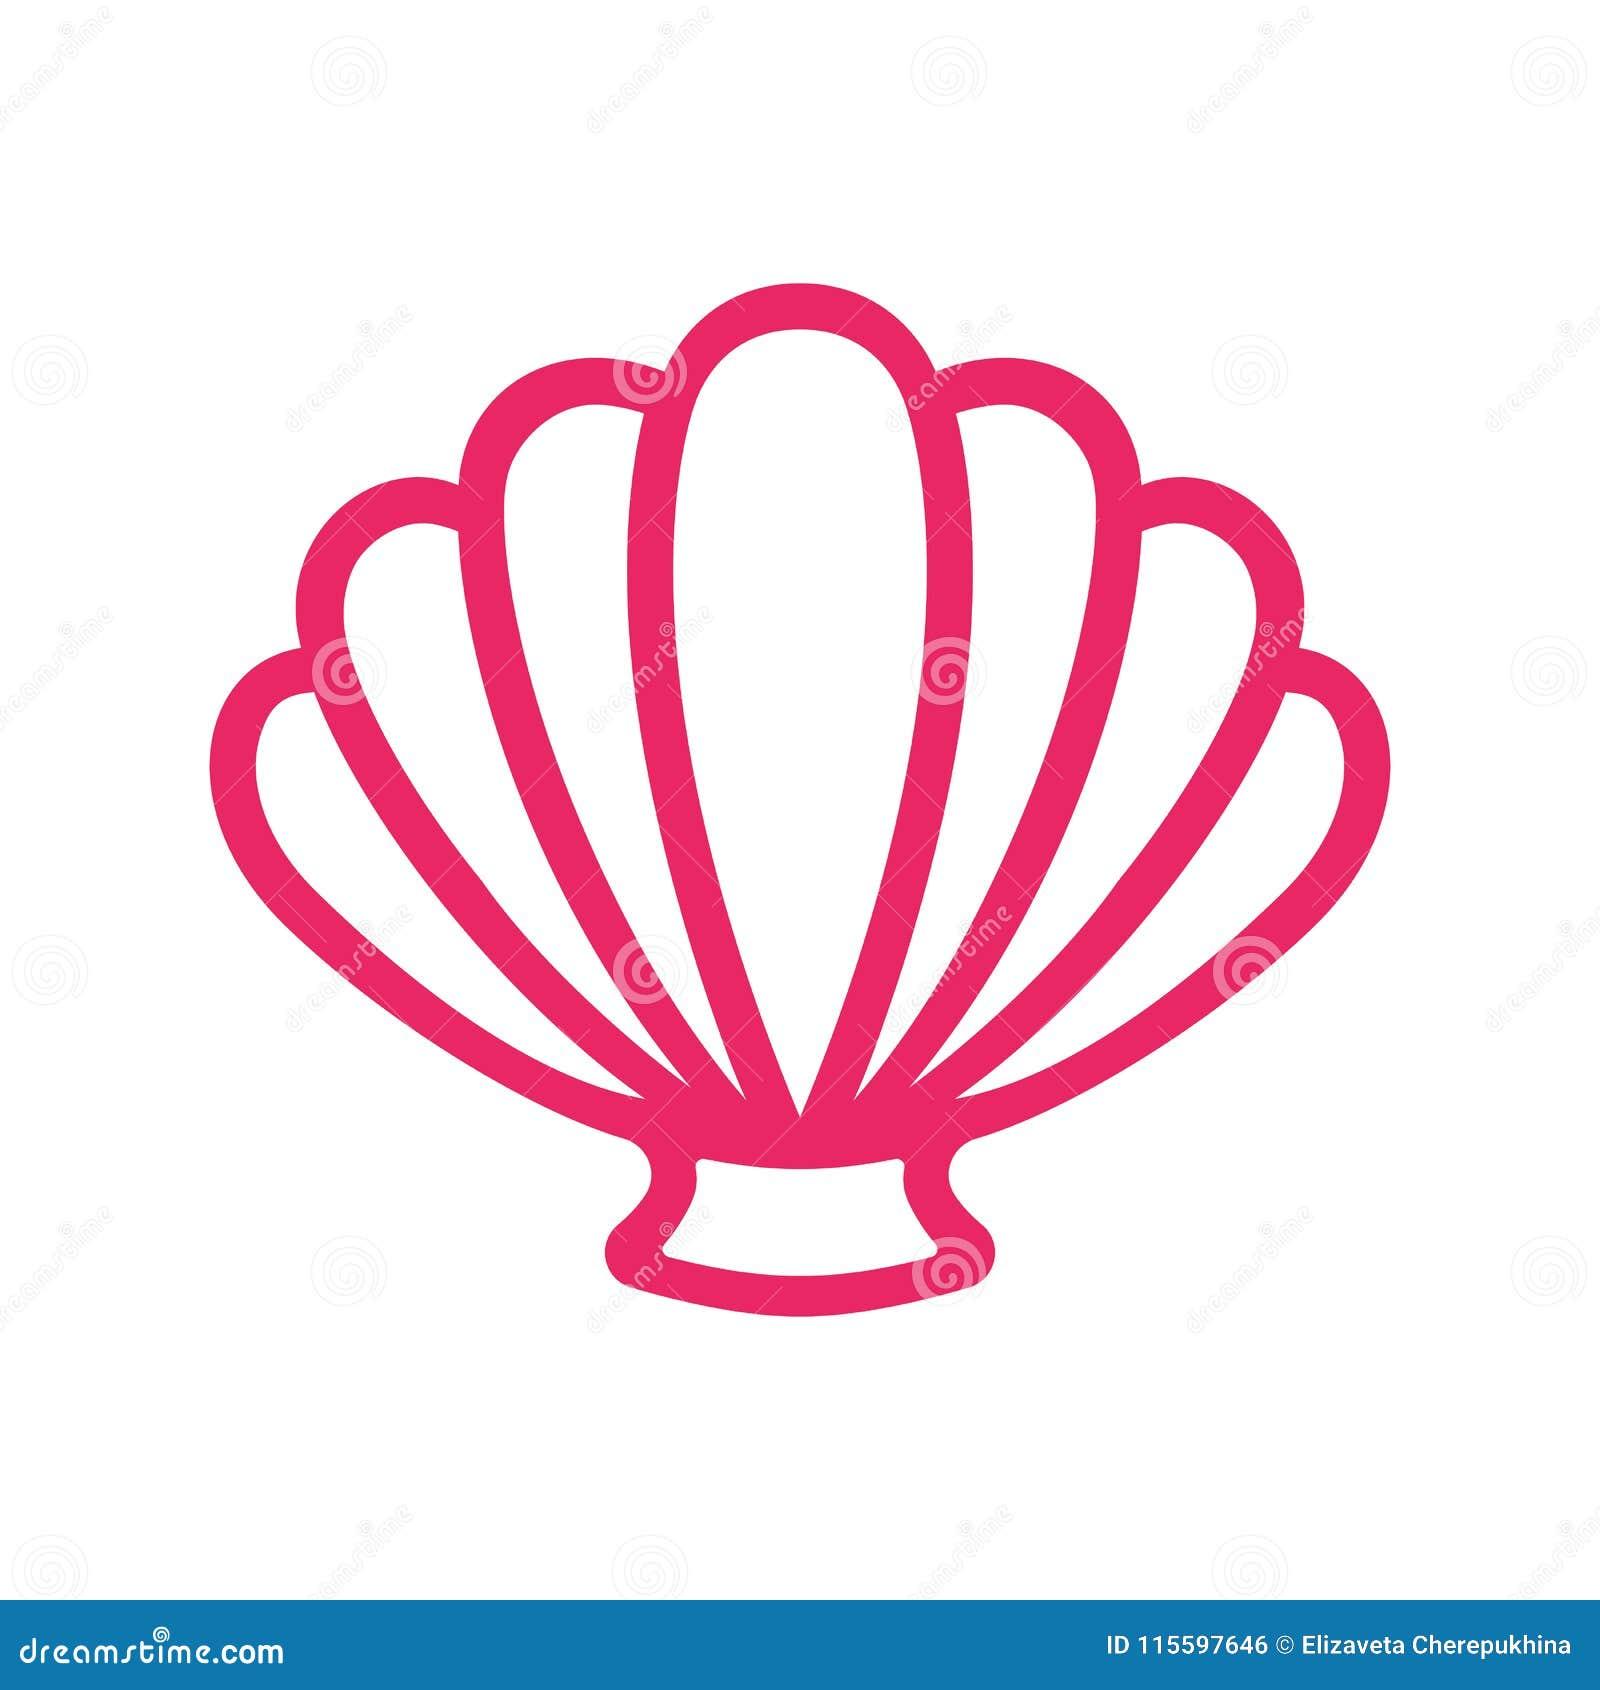 Outline Scallop Sea Shell . Clam. Conch. Seashell